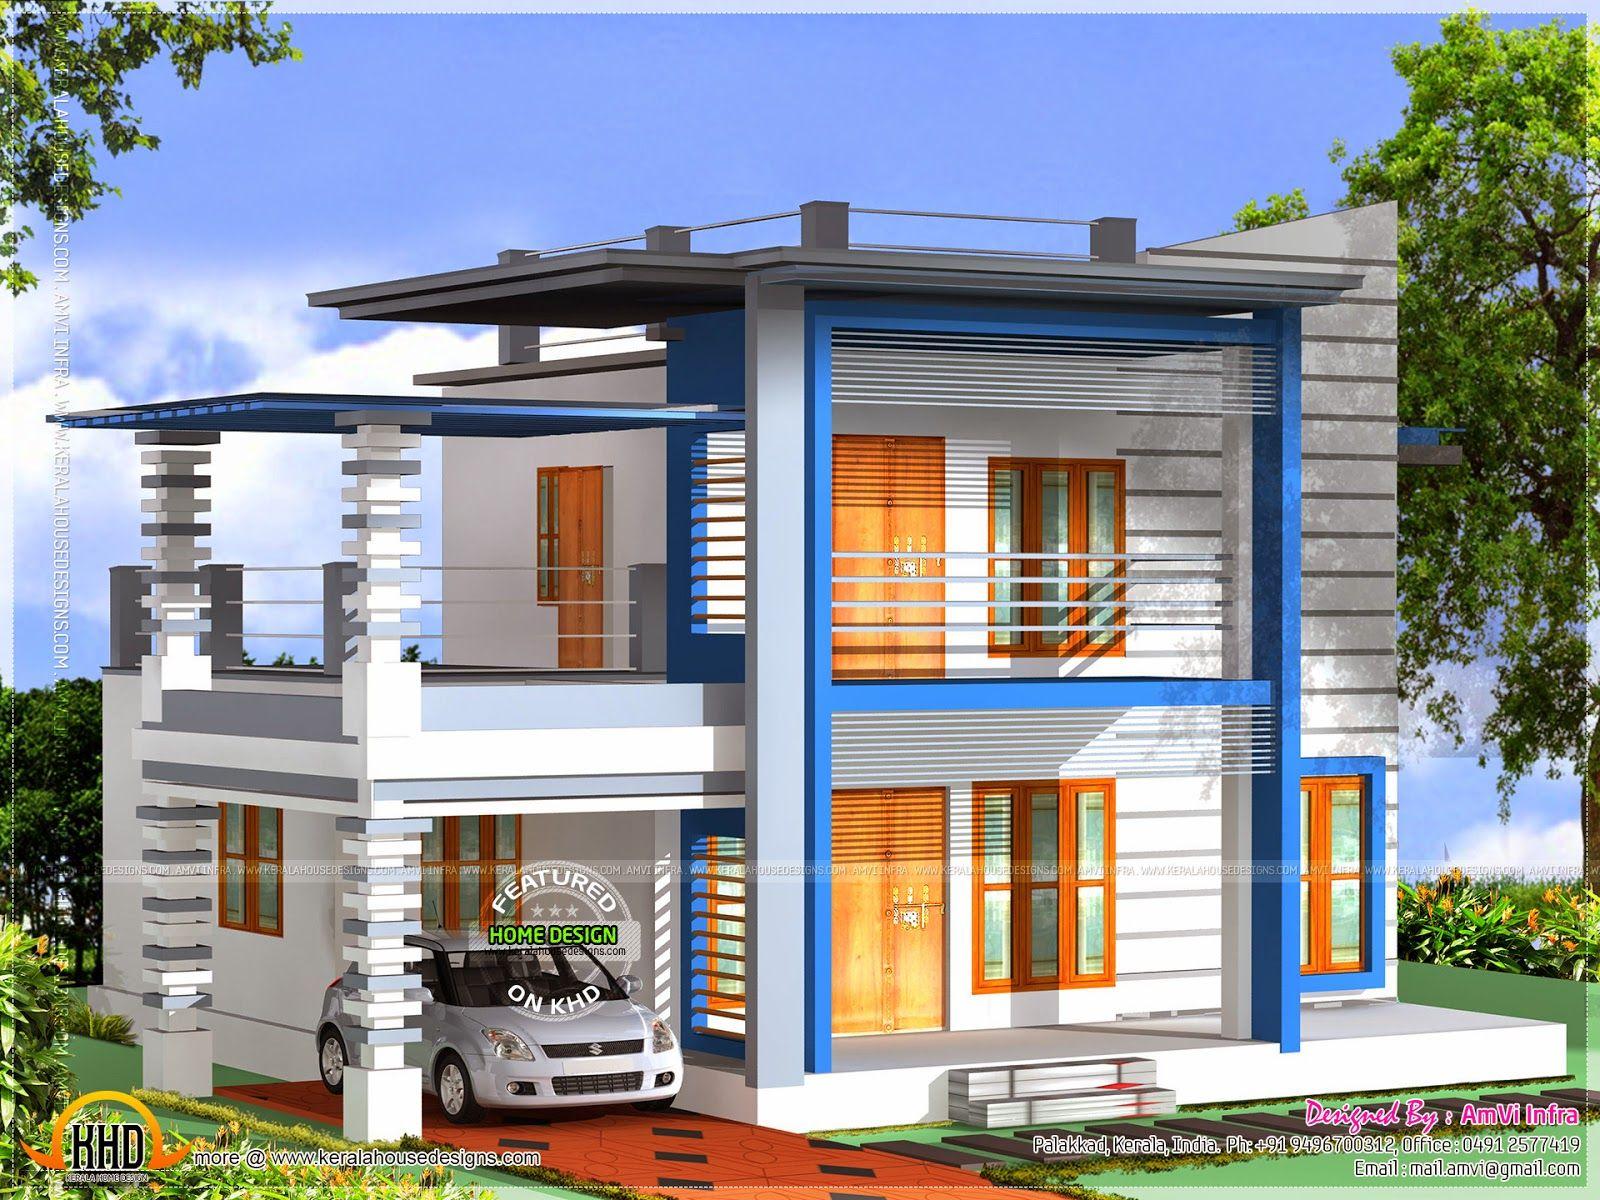 3D view | Architecture | Pinterest | Architecture